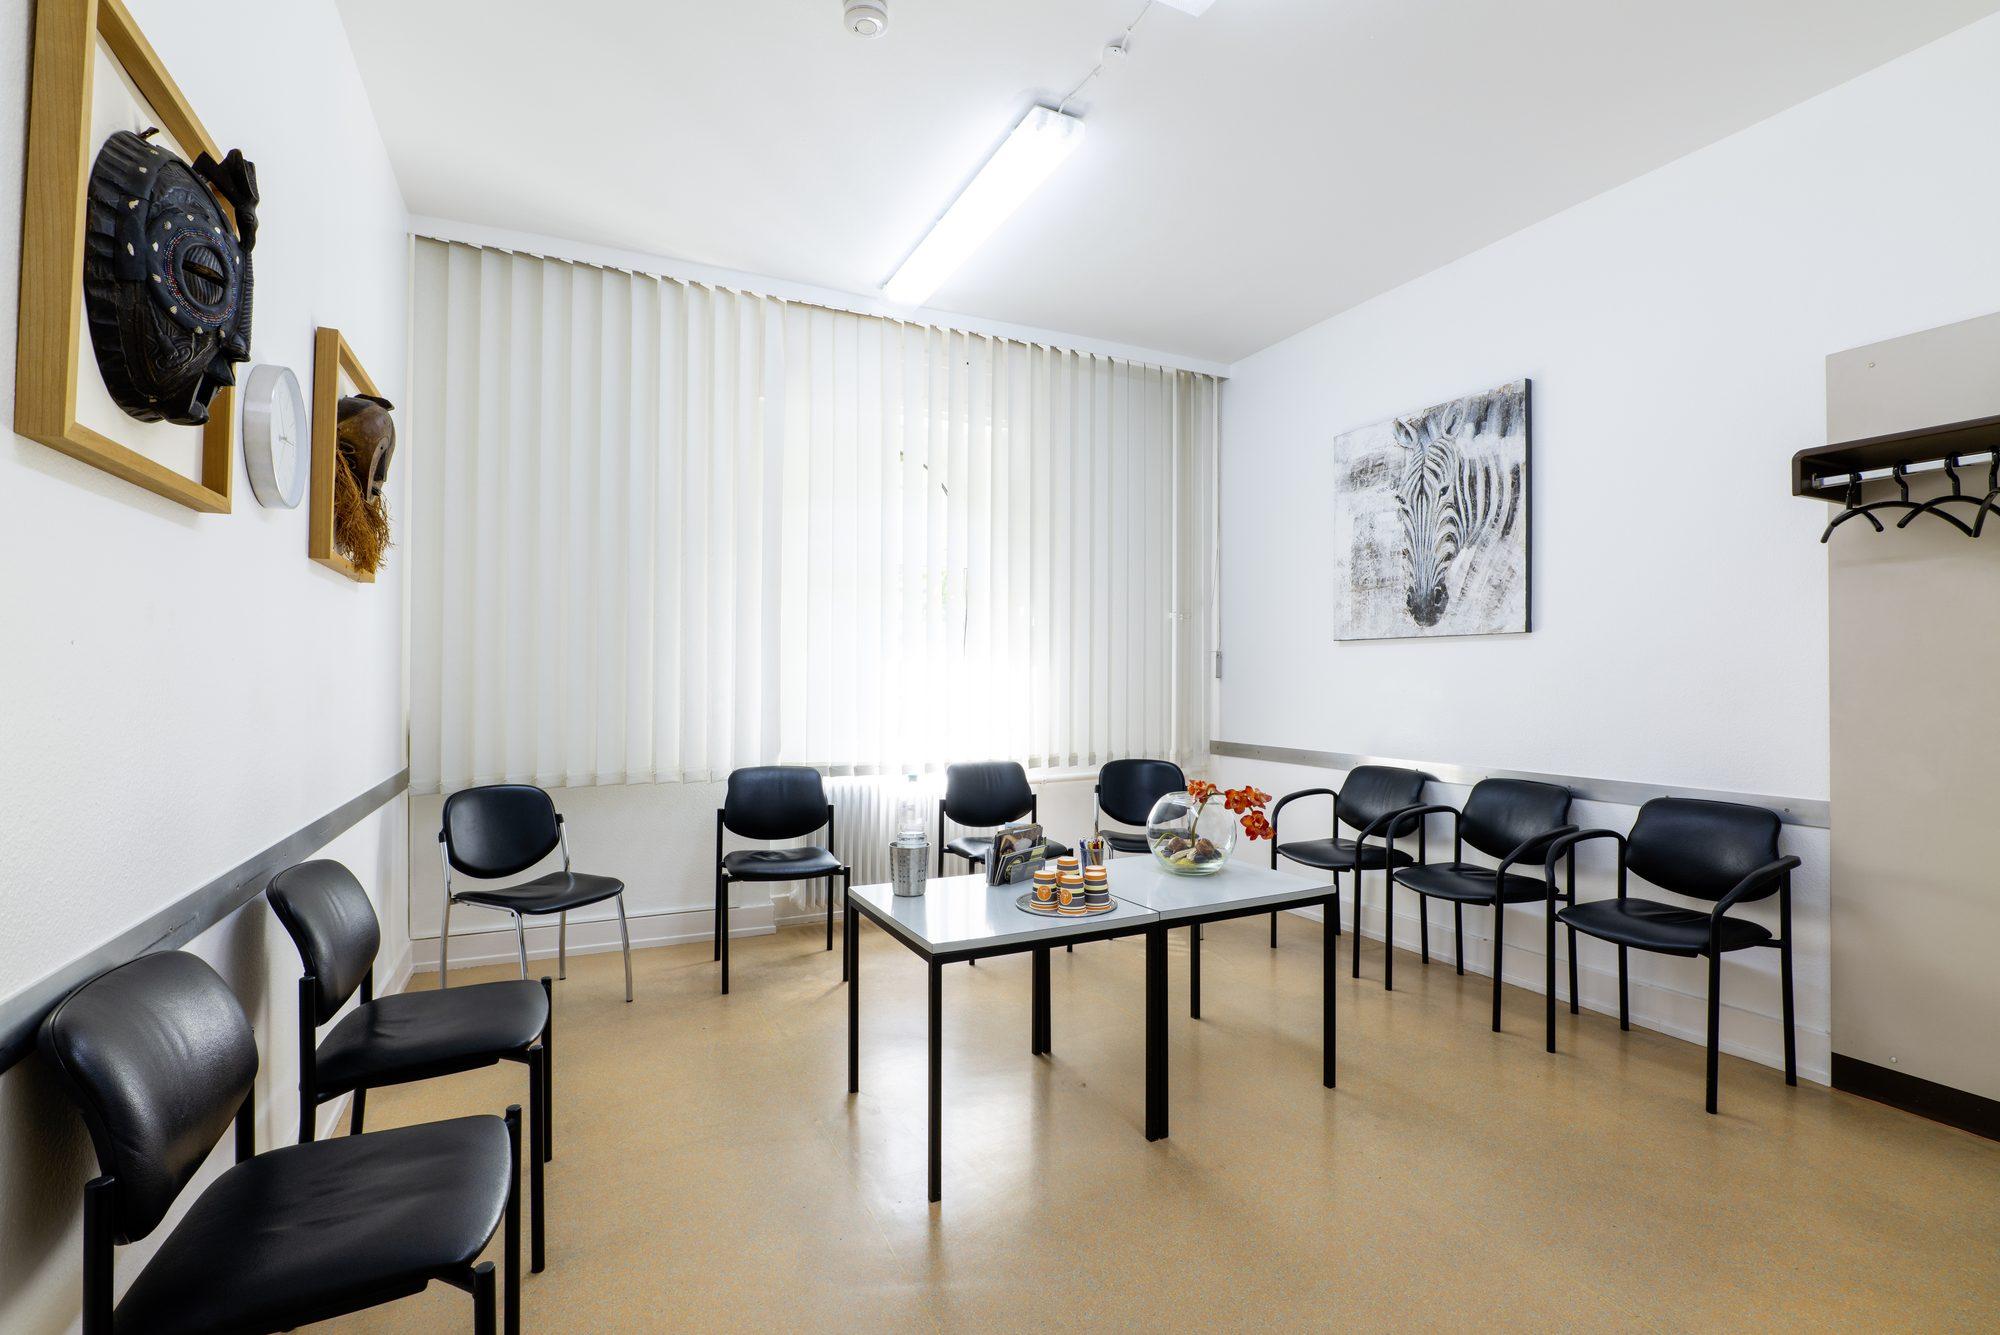 proktologiepraxis-frankfurt-Höchst Wartezimmer